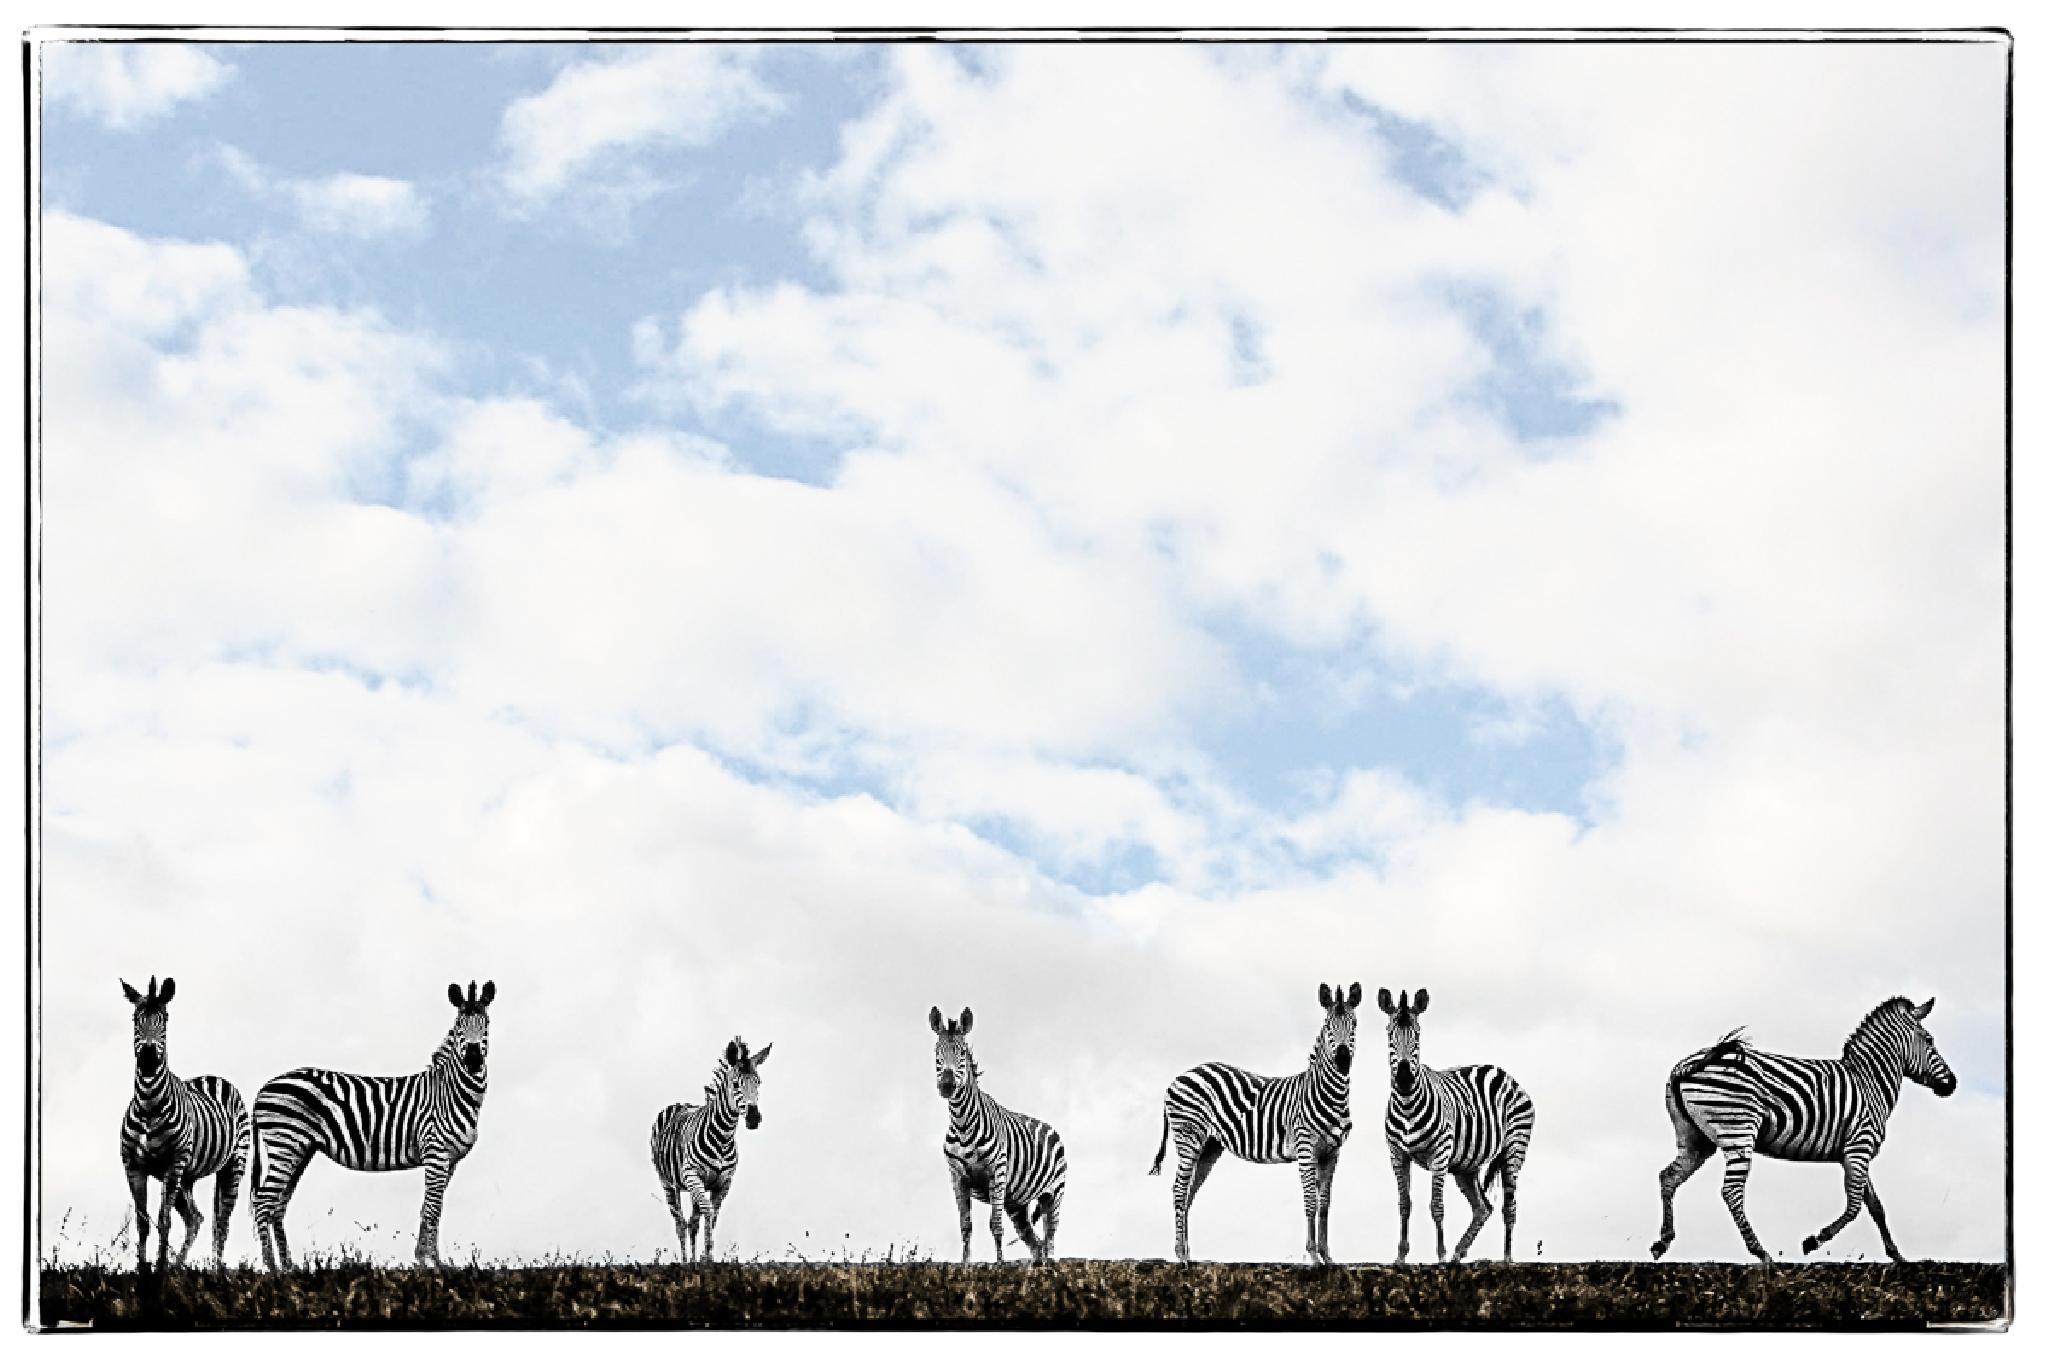 Zebra gathering by Joggie van Staden